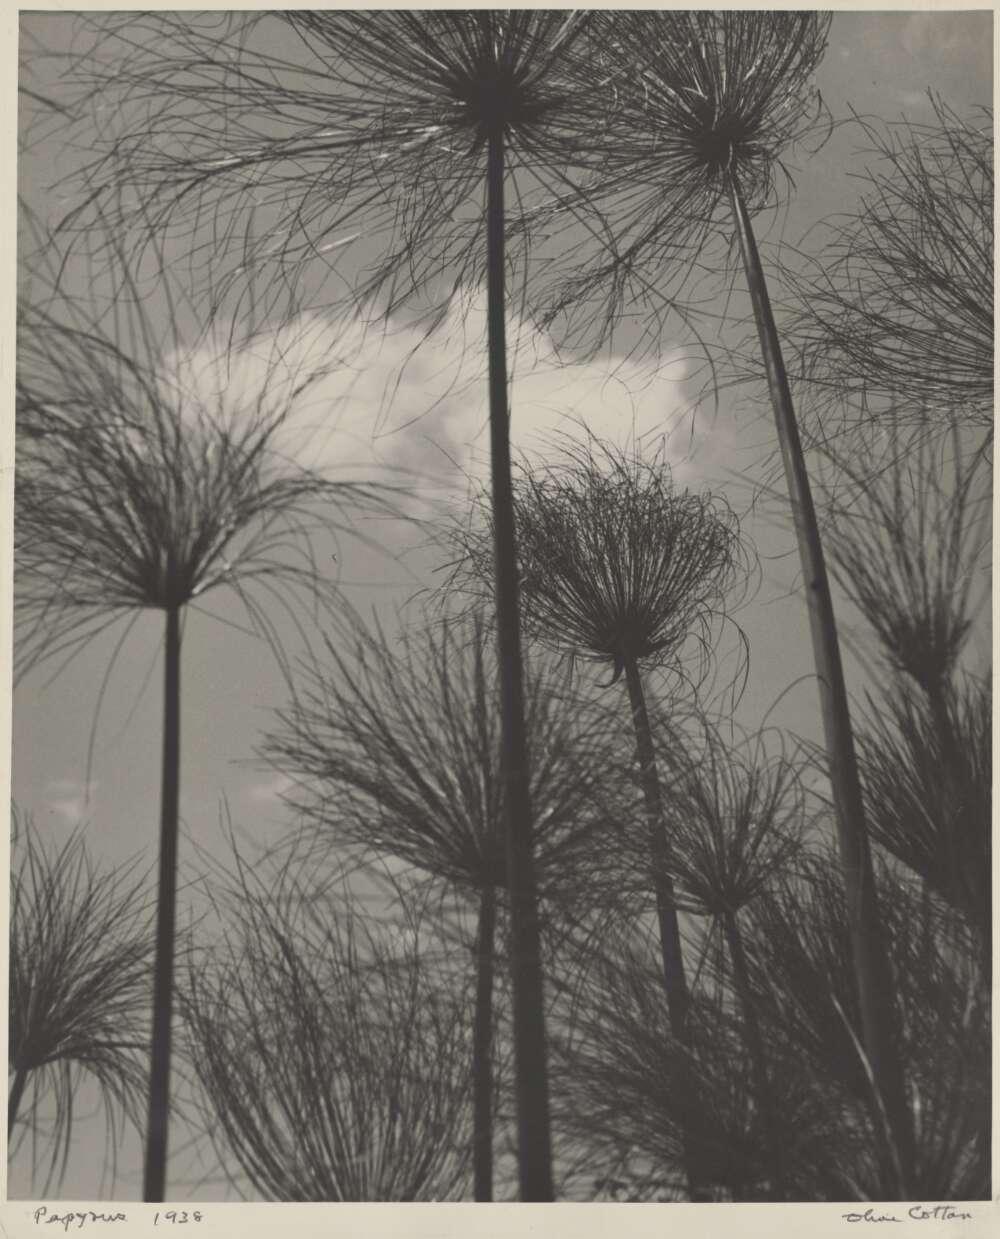 Cotton, Olive. Papyrus : , 1938. Web. 9 December 2020